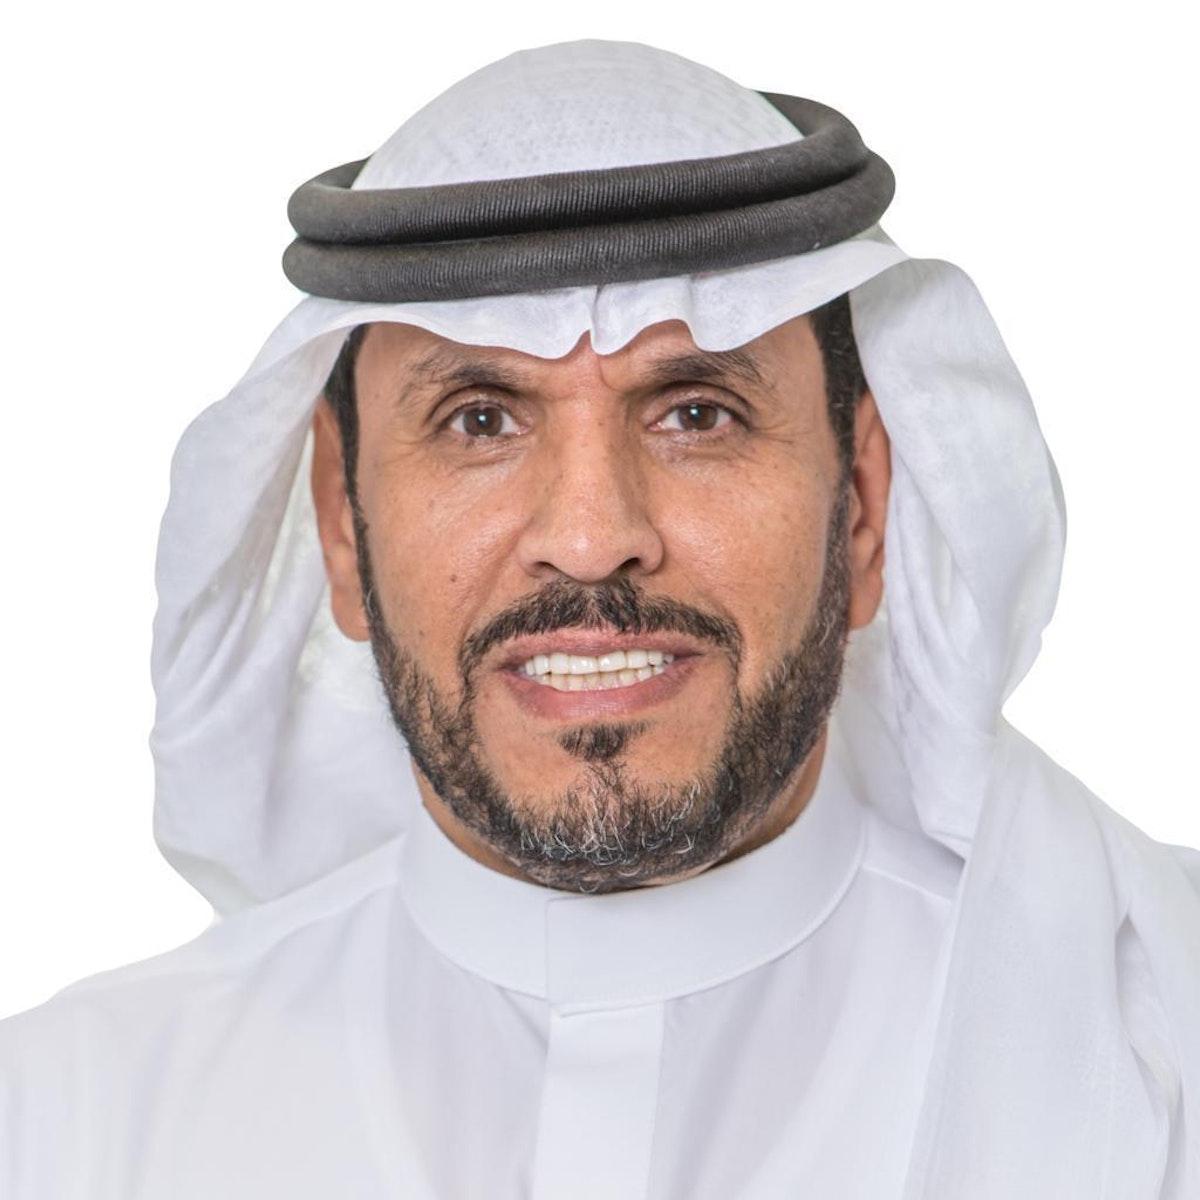 أحمد المغامس الأمين العام للهيئة السعودية للمراجعين والمحاسبين